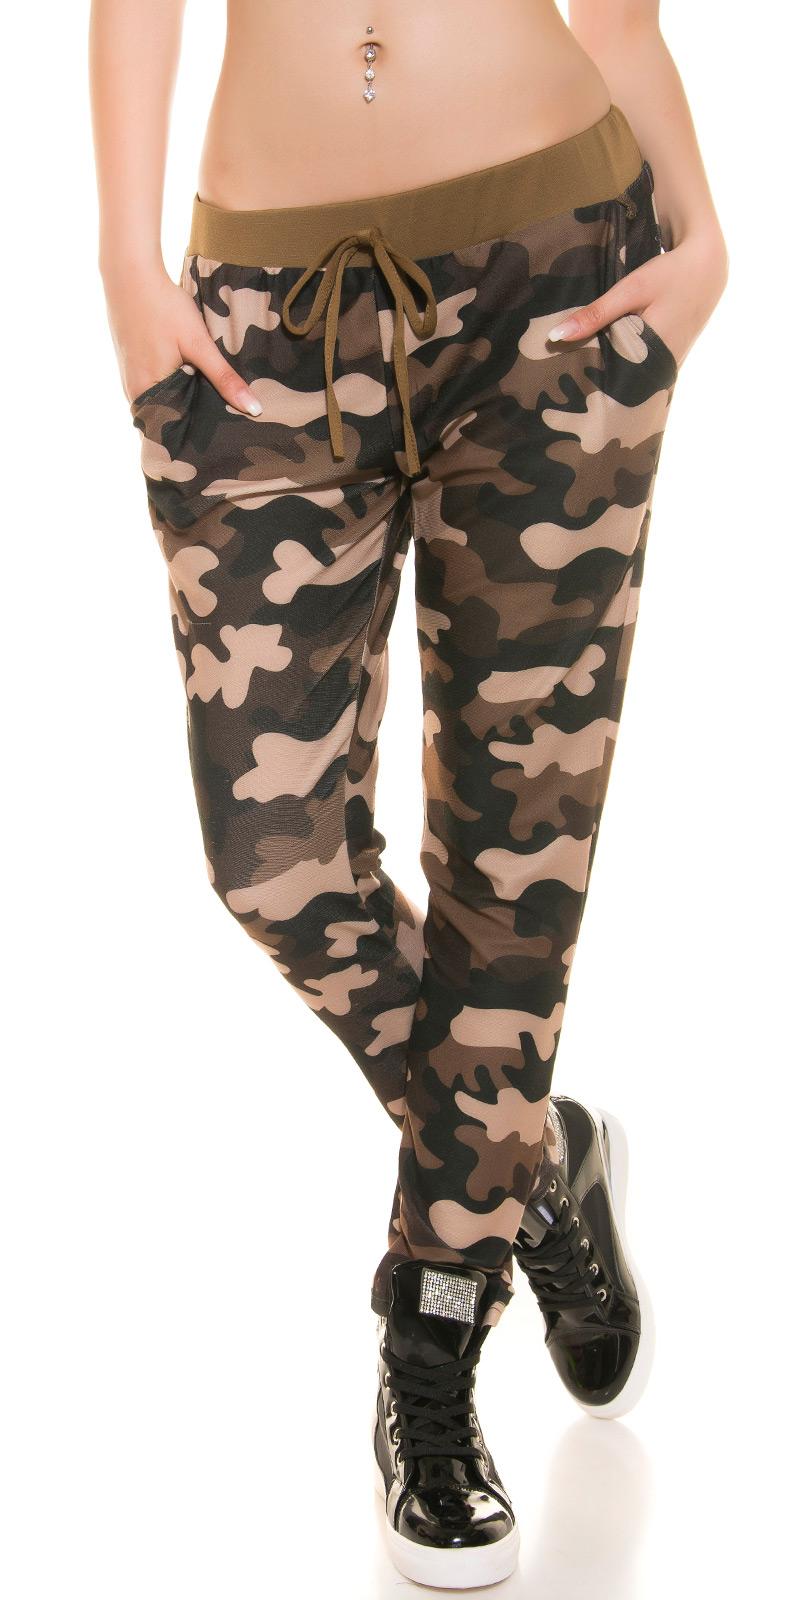 Dámské kalhoty tepláky army 2019 hnědé 18a813cc67